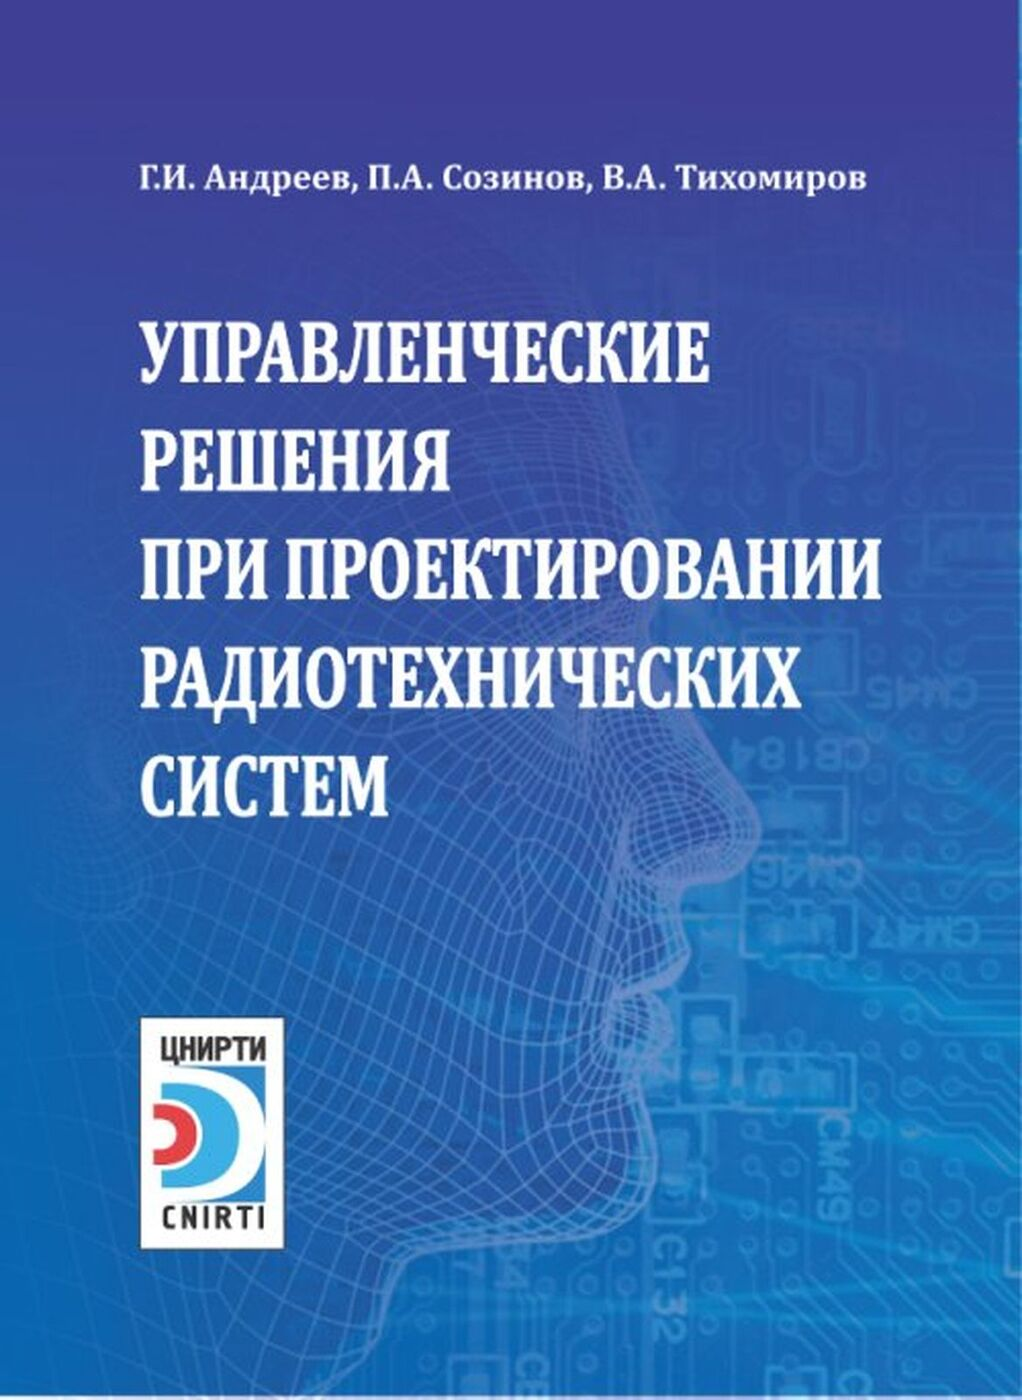 Управленческие решения при проектировании радиотехнических систем | Андреев Григорий Иванович, Созинов Павел Алексеевич